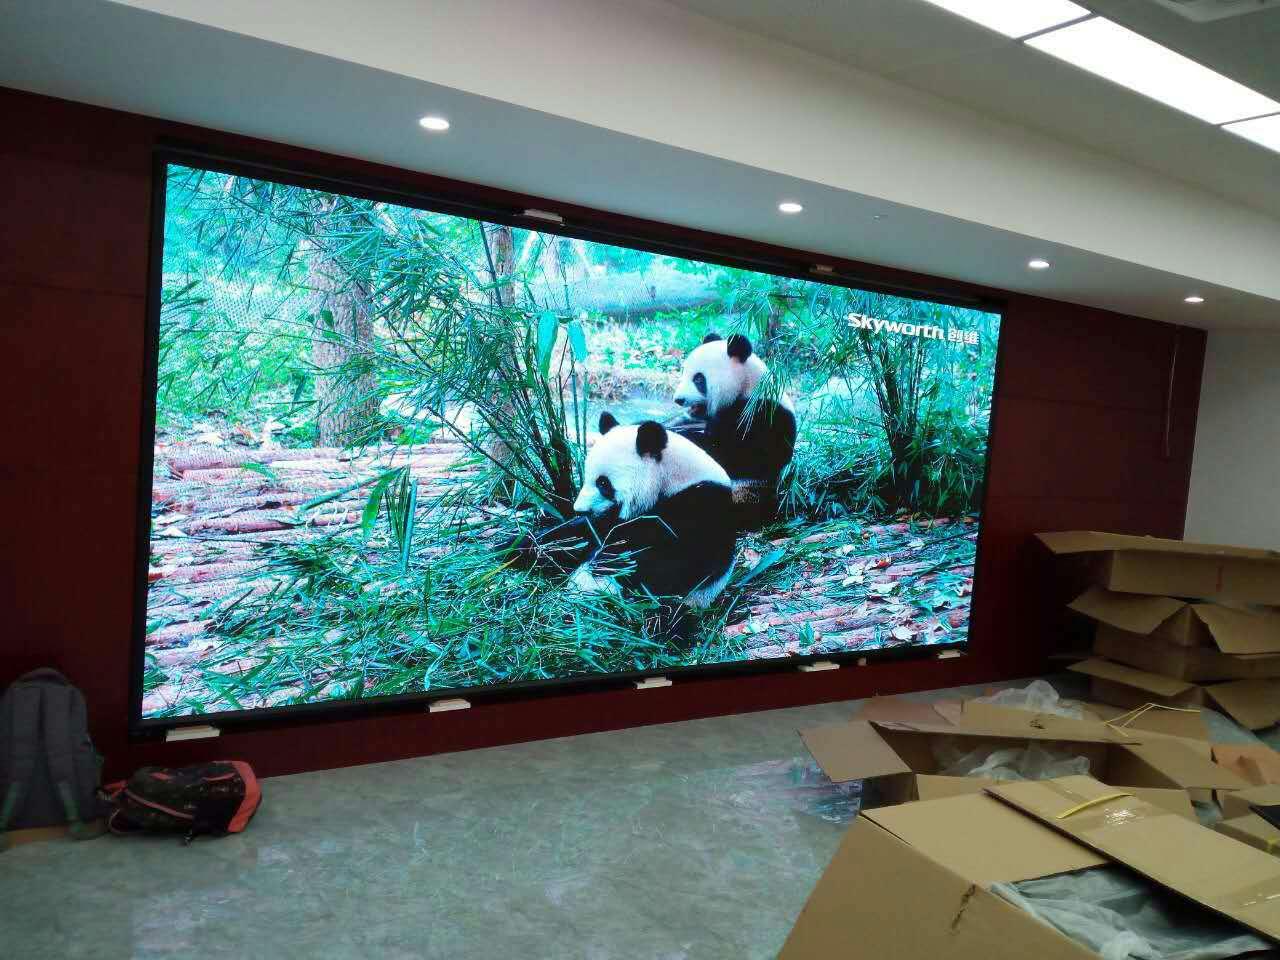 芜湖专业LED格栅屏制造厂家 欢迎咨询 合肥龙发智能科技供应